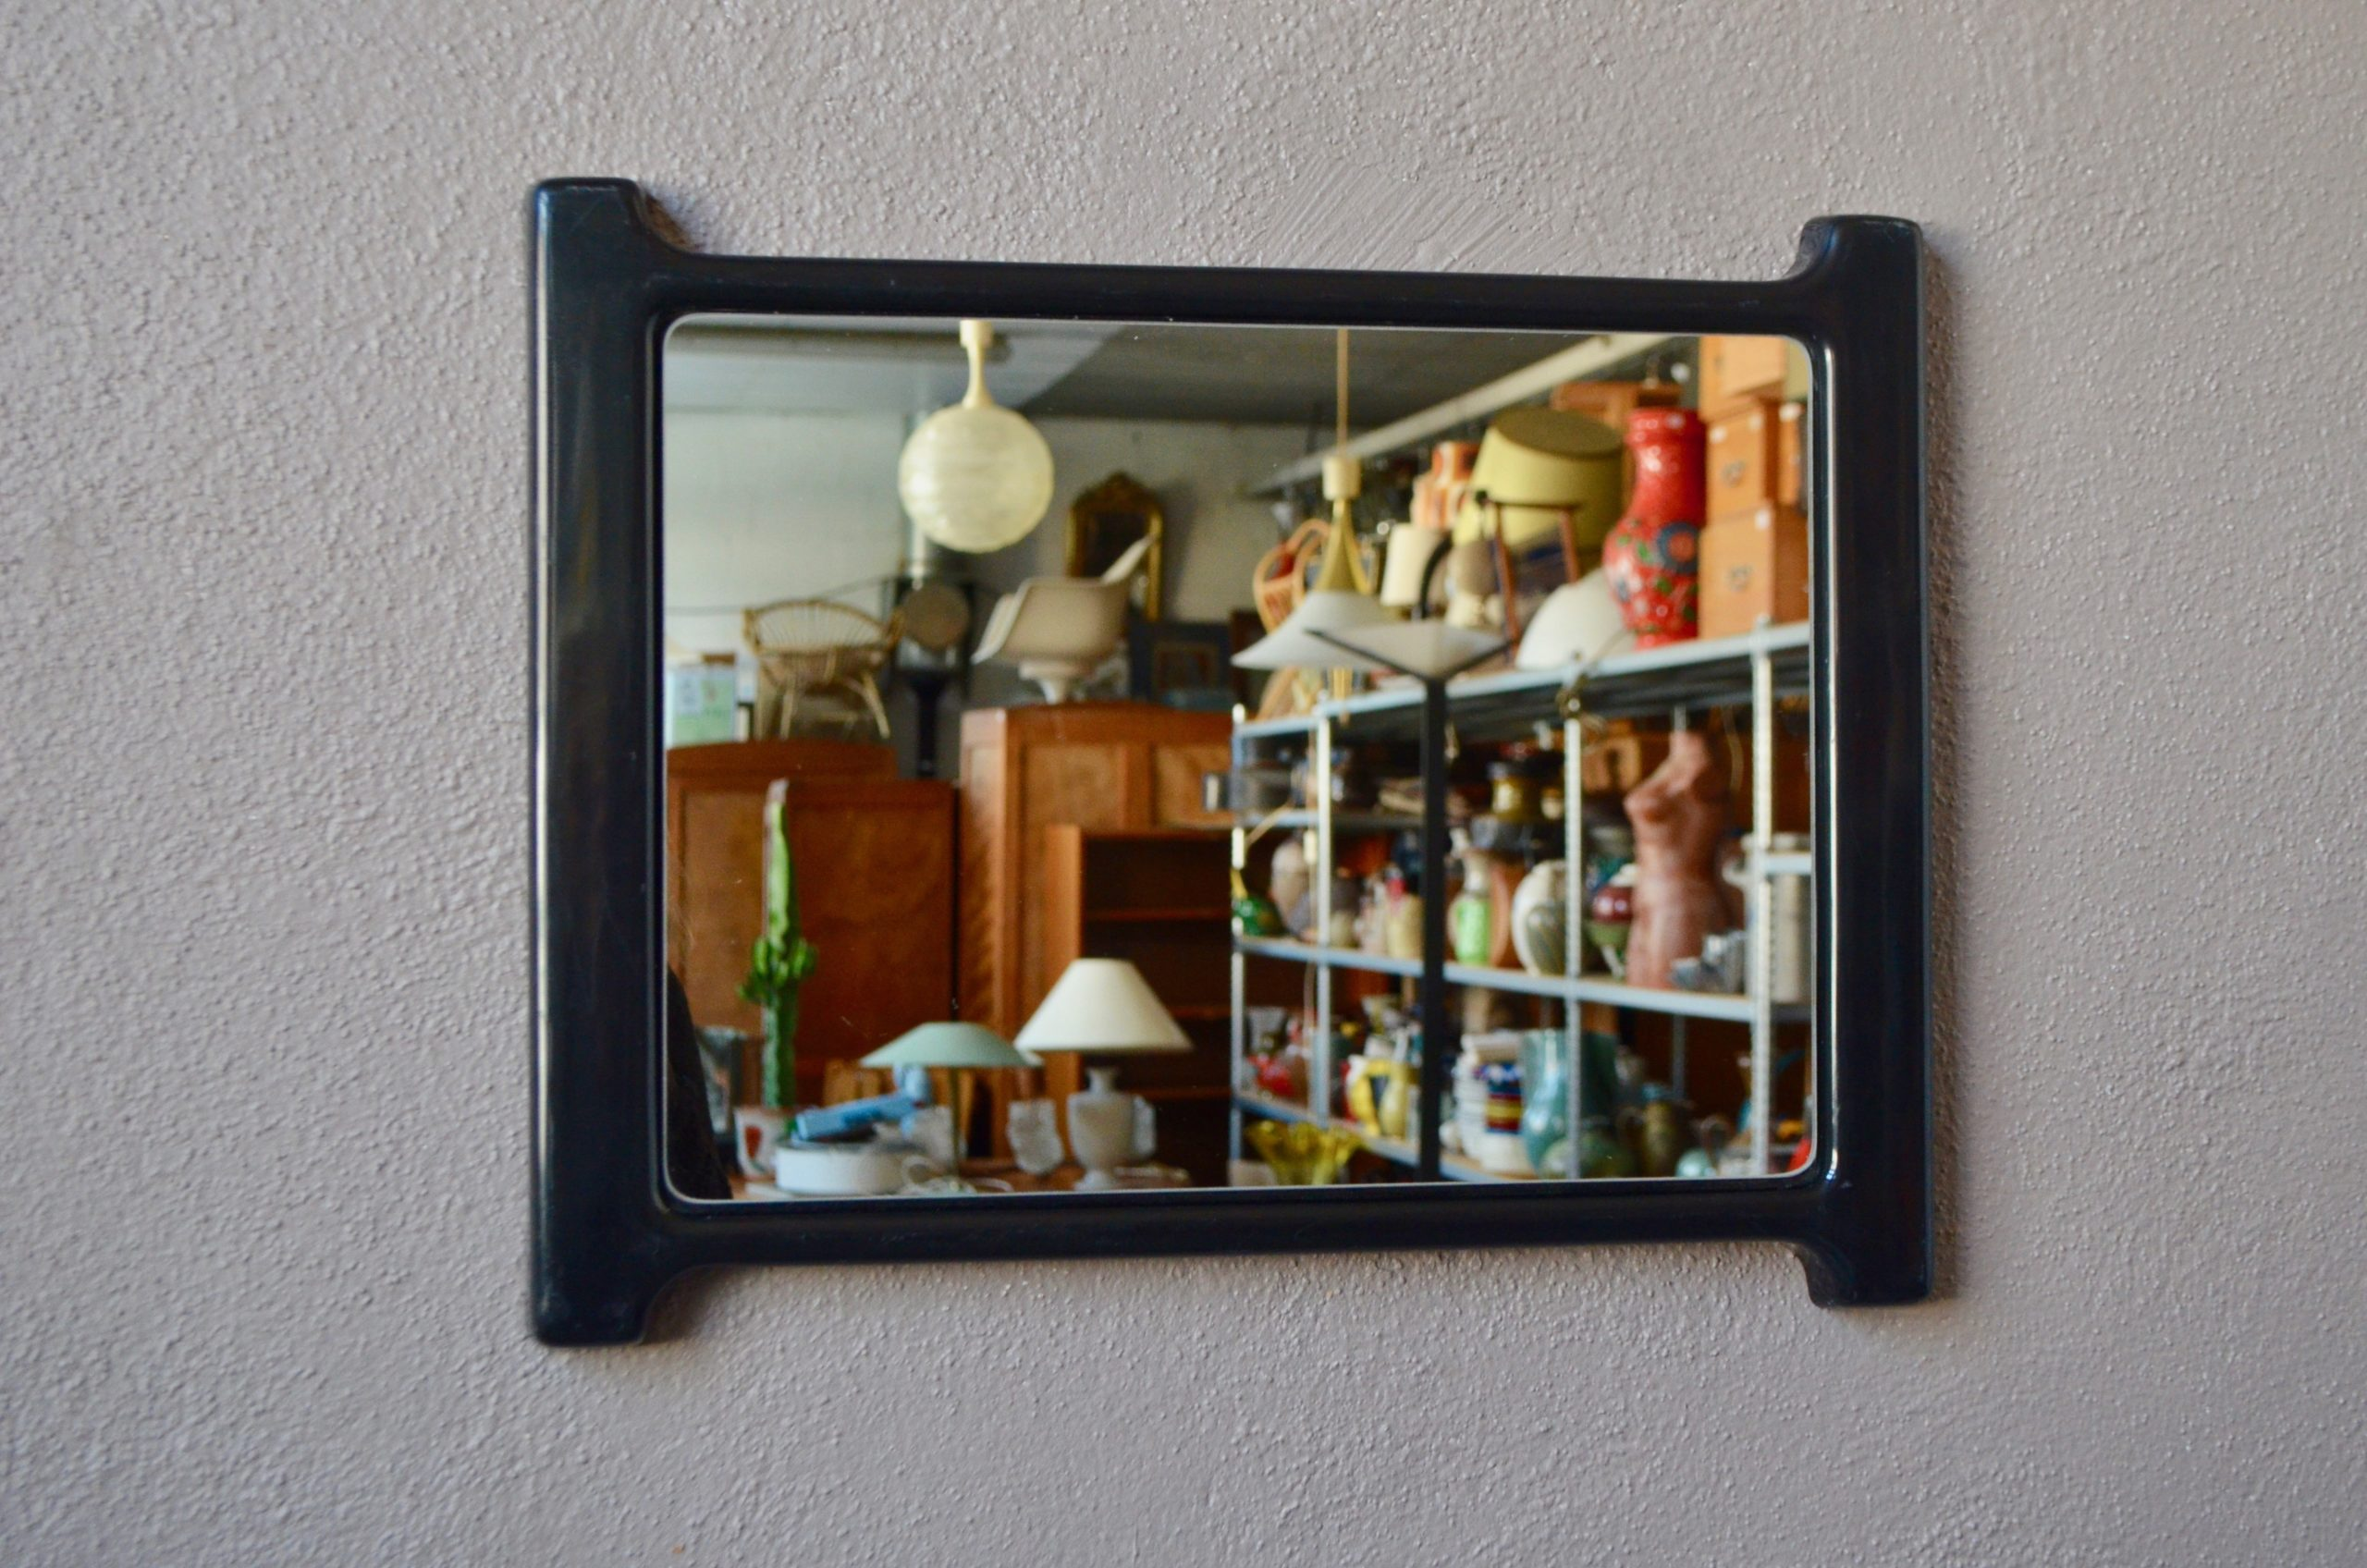 Miroir design italien Visart space age plastique noir